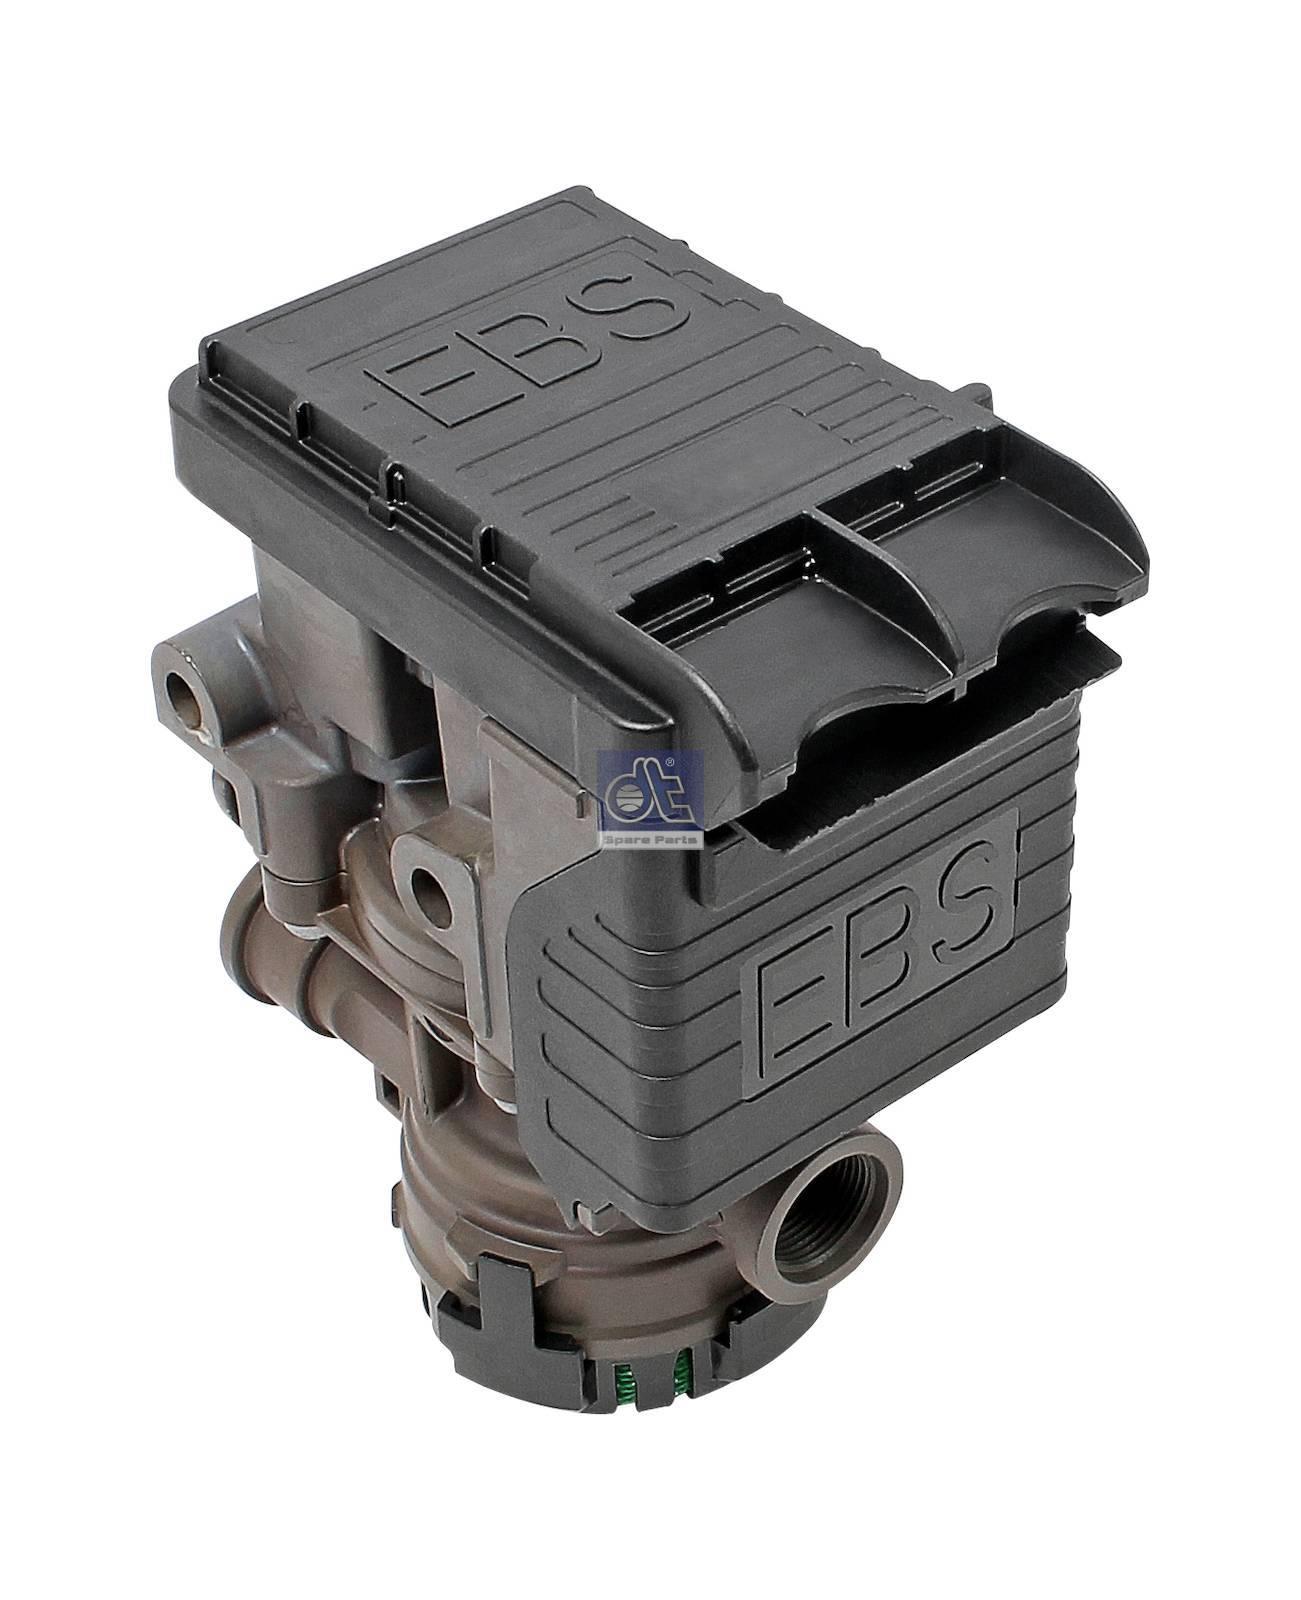 EBS valve